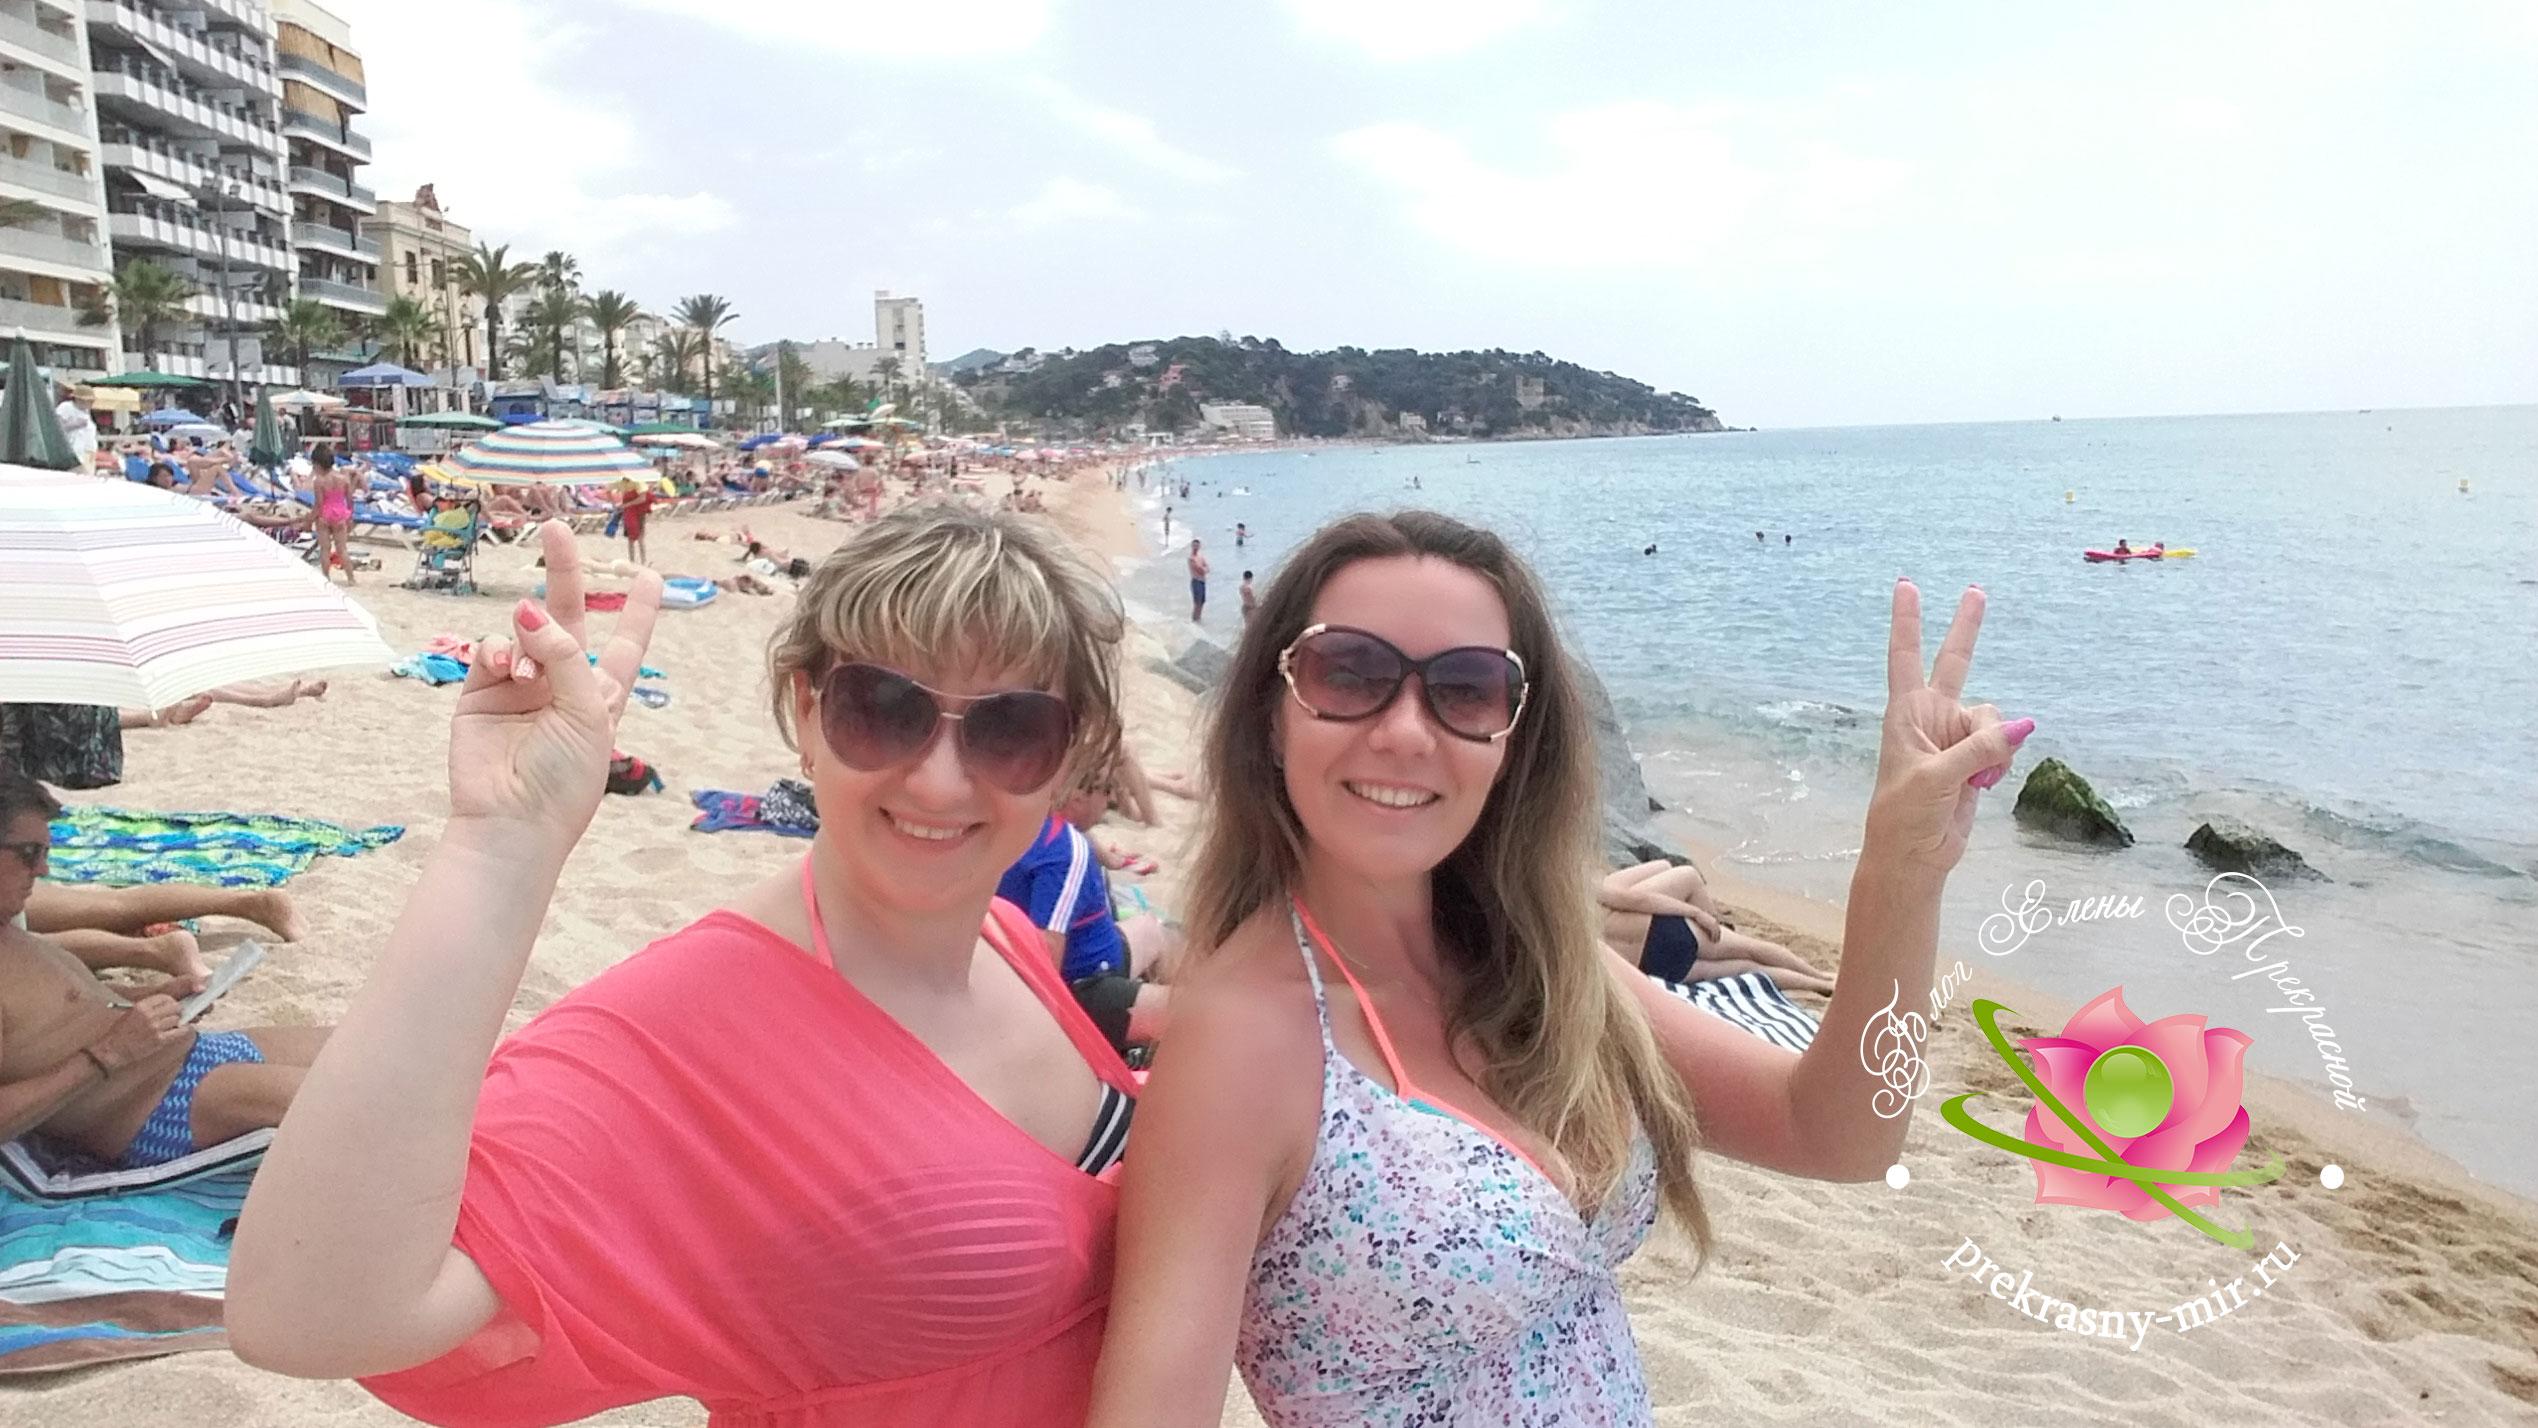 На пляже Ллорет де Мар